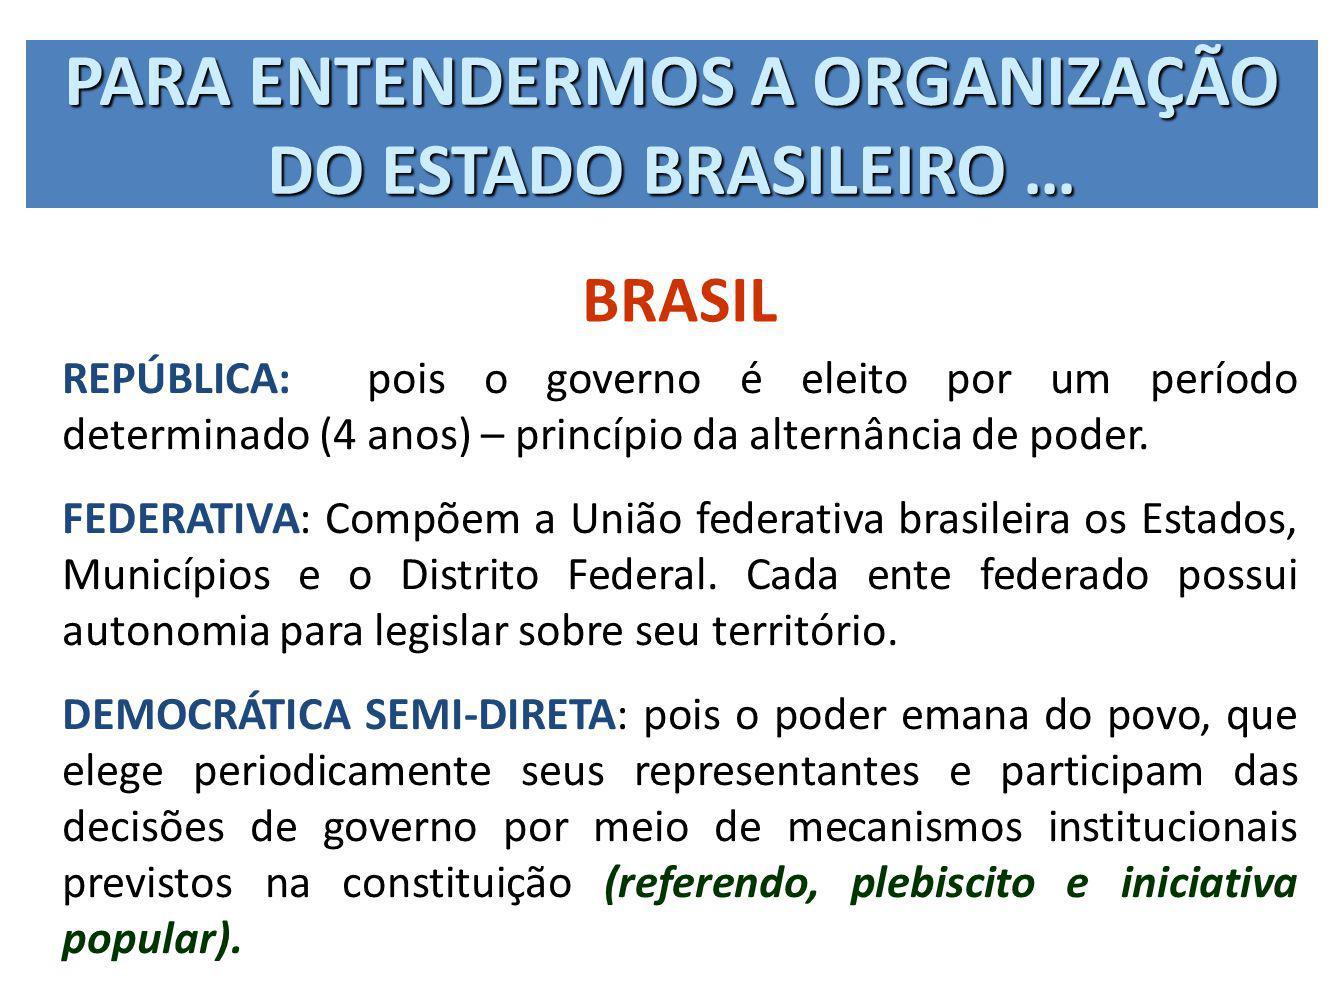 PARA ENTENDERMOS A ORGANIZAÇÃO DO ESTADO BRASILEIRO … BRASIL REPÚBLICA: pois o governo é eleito por um período determinado (4 anos) – princípio da alt